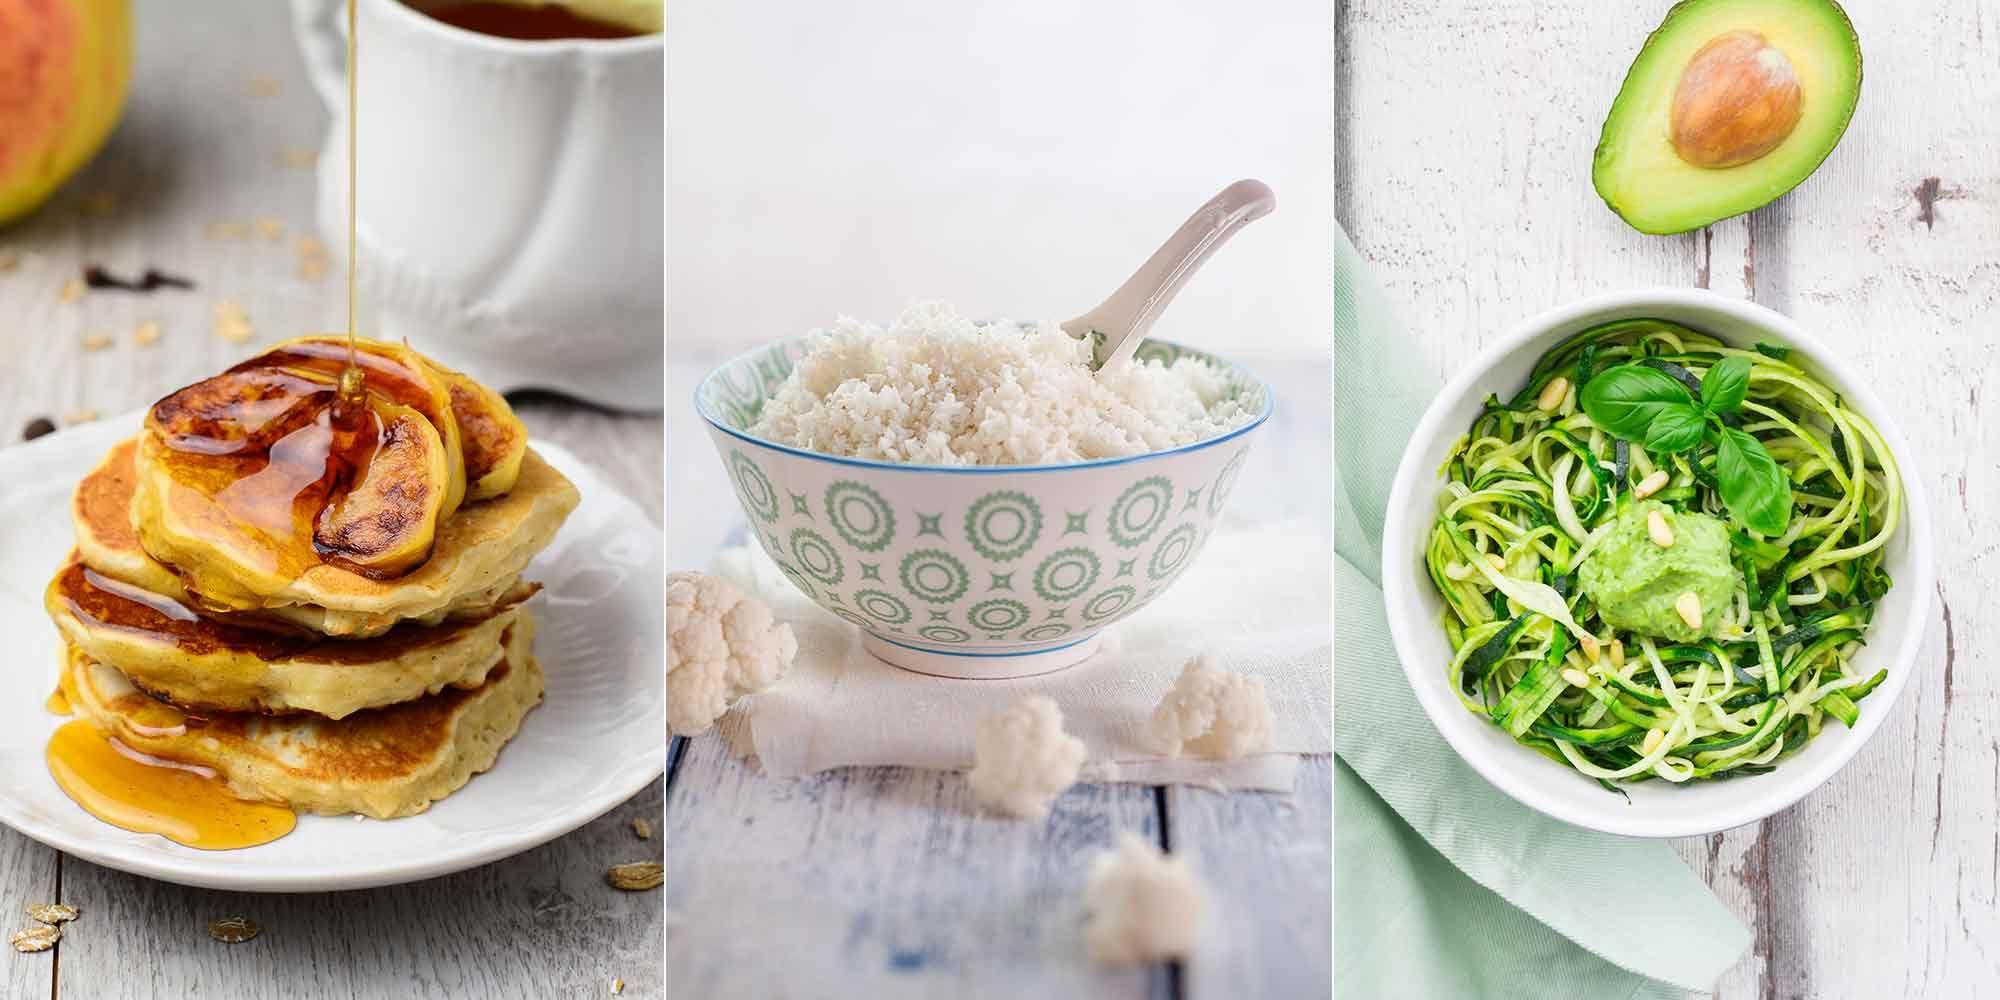 comidas sin carbohidratos y grasas